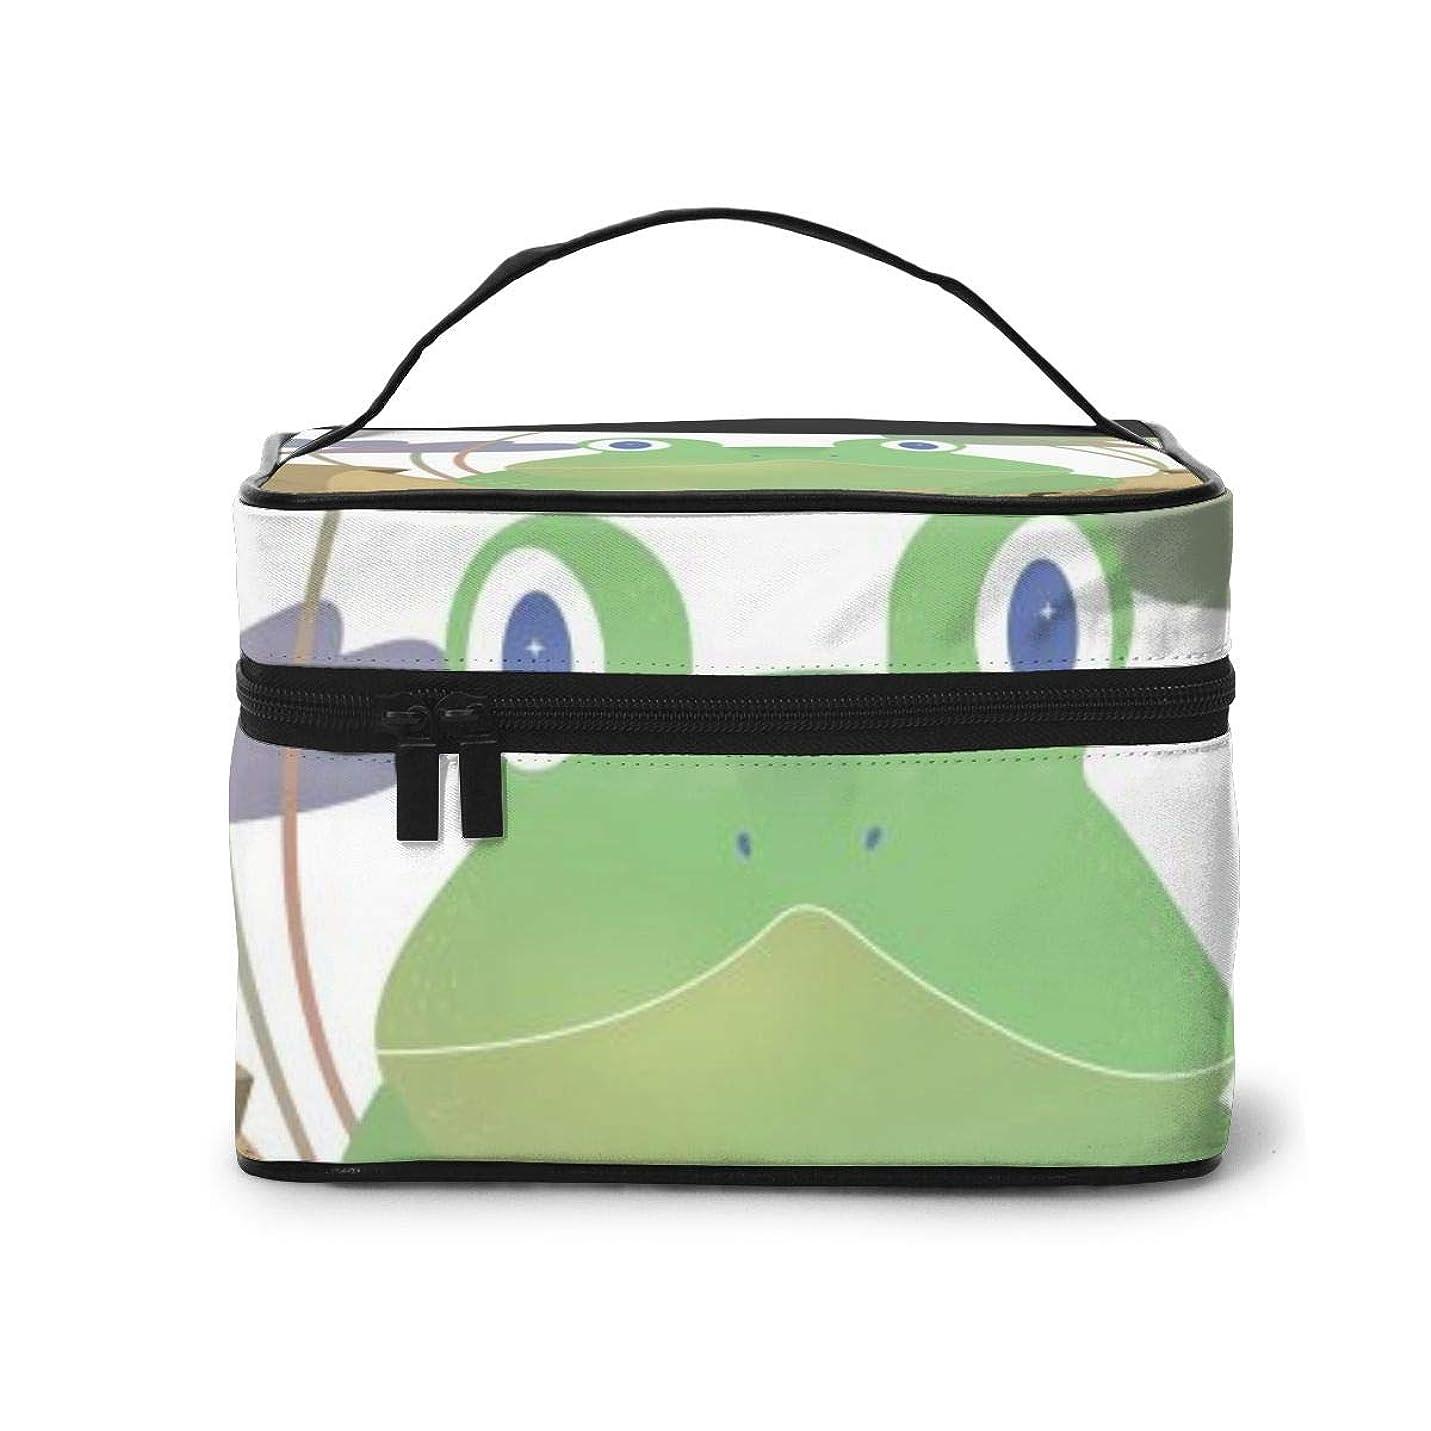 イベント少ない走るメイクポーチ 化粧ポーチ コスメバッグ バニティケース トラベルポーチ カエル 蓮の葉 池 蛙 雑貨 小物入れ 出張用 超軽量 機能的 大容量 収納ボックス